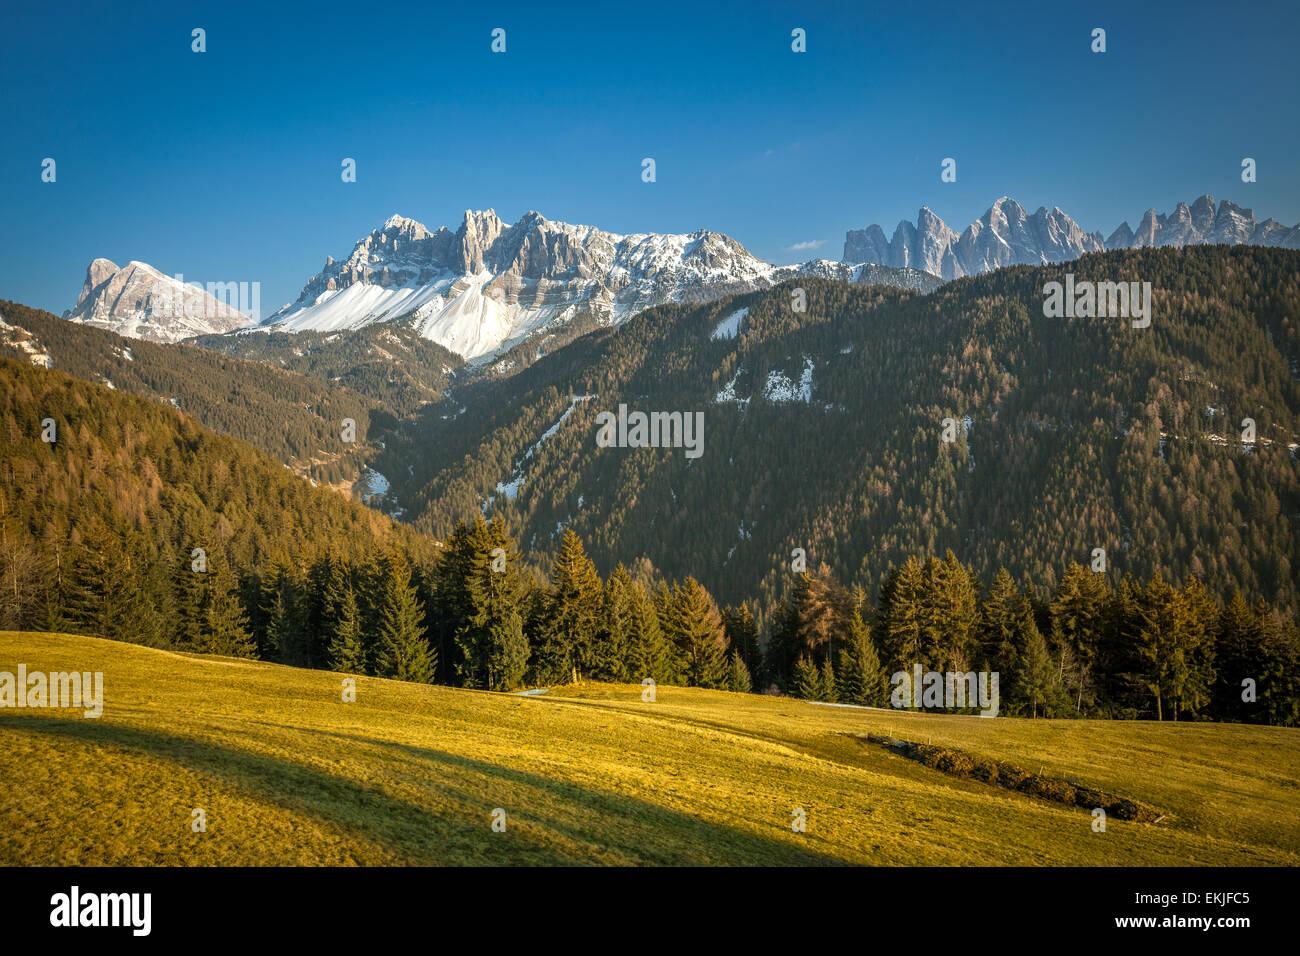 Dolomiti (Dolomiti) Alpi visto dal Passo delle Erbe, in Alto Adige, Trentino Alto Adige, Norther Italia Immagini Stock